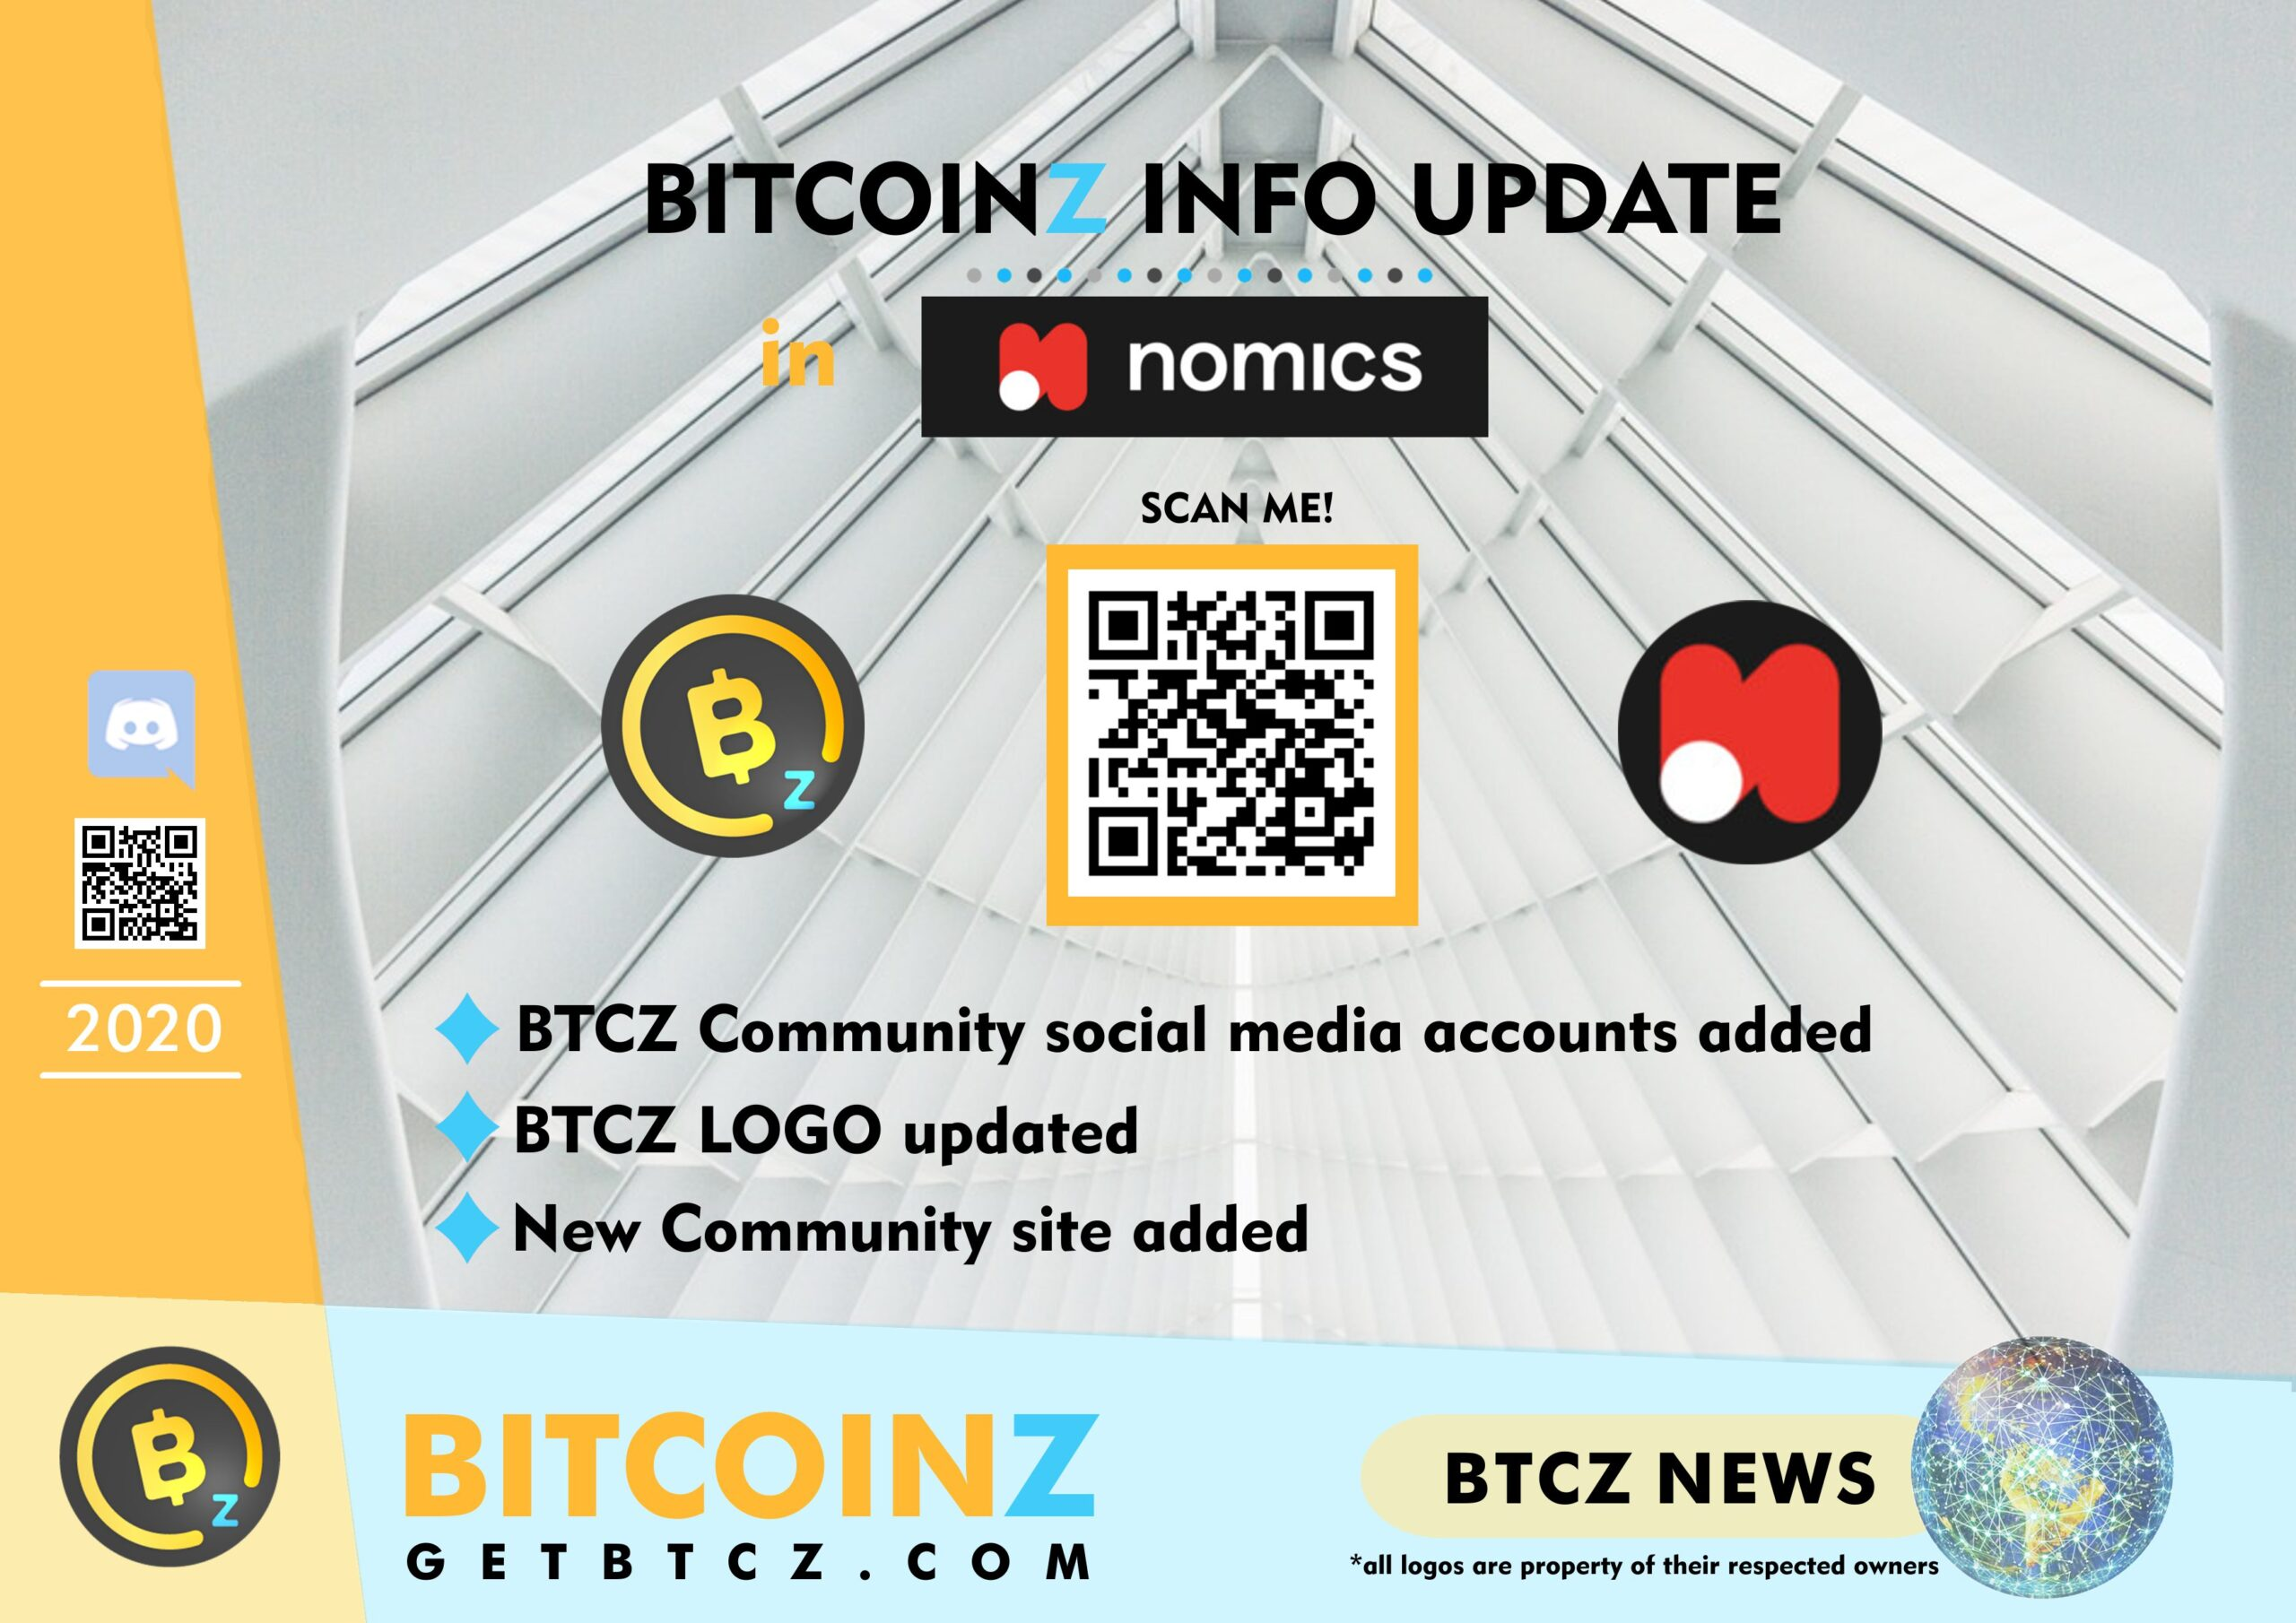 BitcoinZ Information Update in Nomics